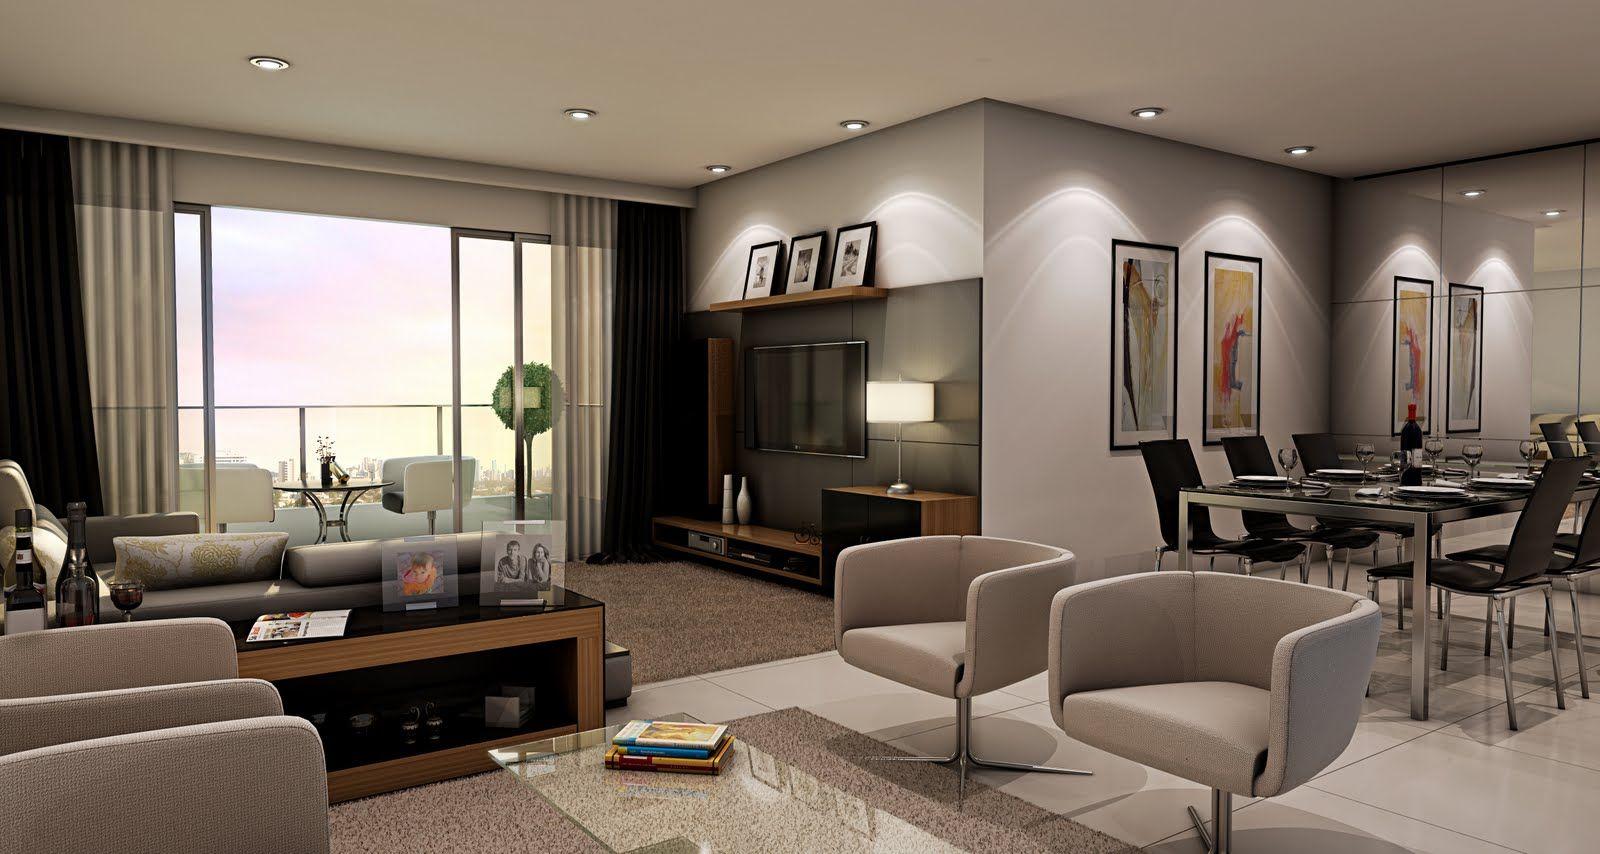 #144564 decoração para sala com 3 ambientes Pesquisa   A Trindade  1600x854 píxeis em Decoração De Sala De Estar E Jantar Retangular